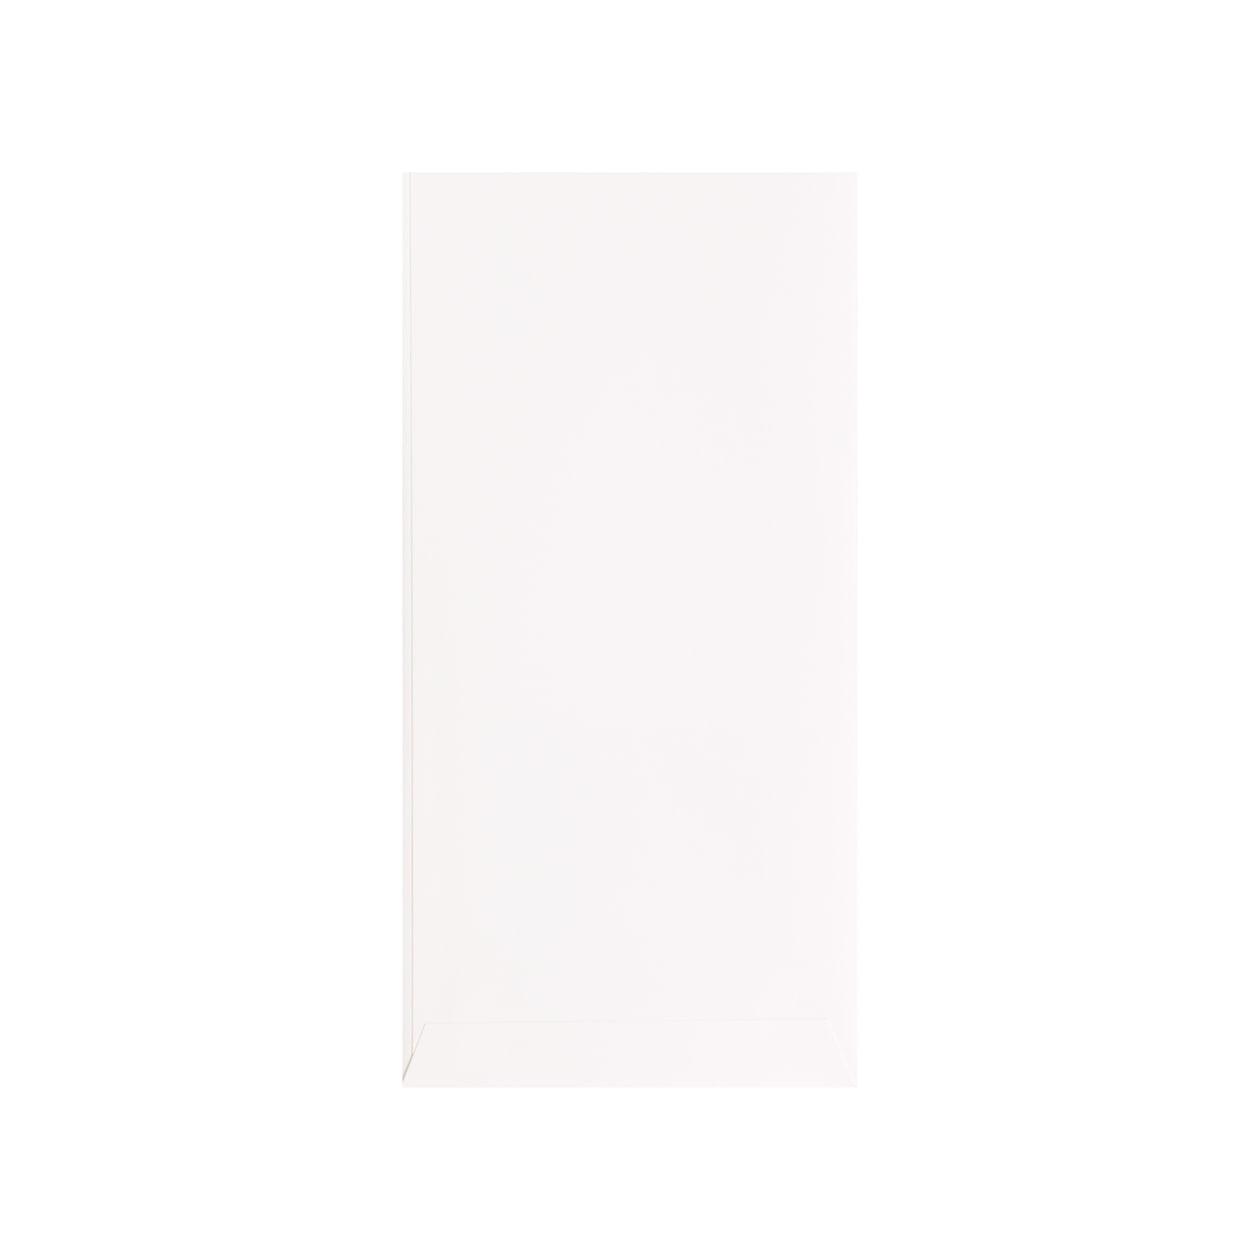 平袋125×250窓付 HAGURUMA Basic プレインホワイト 100g